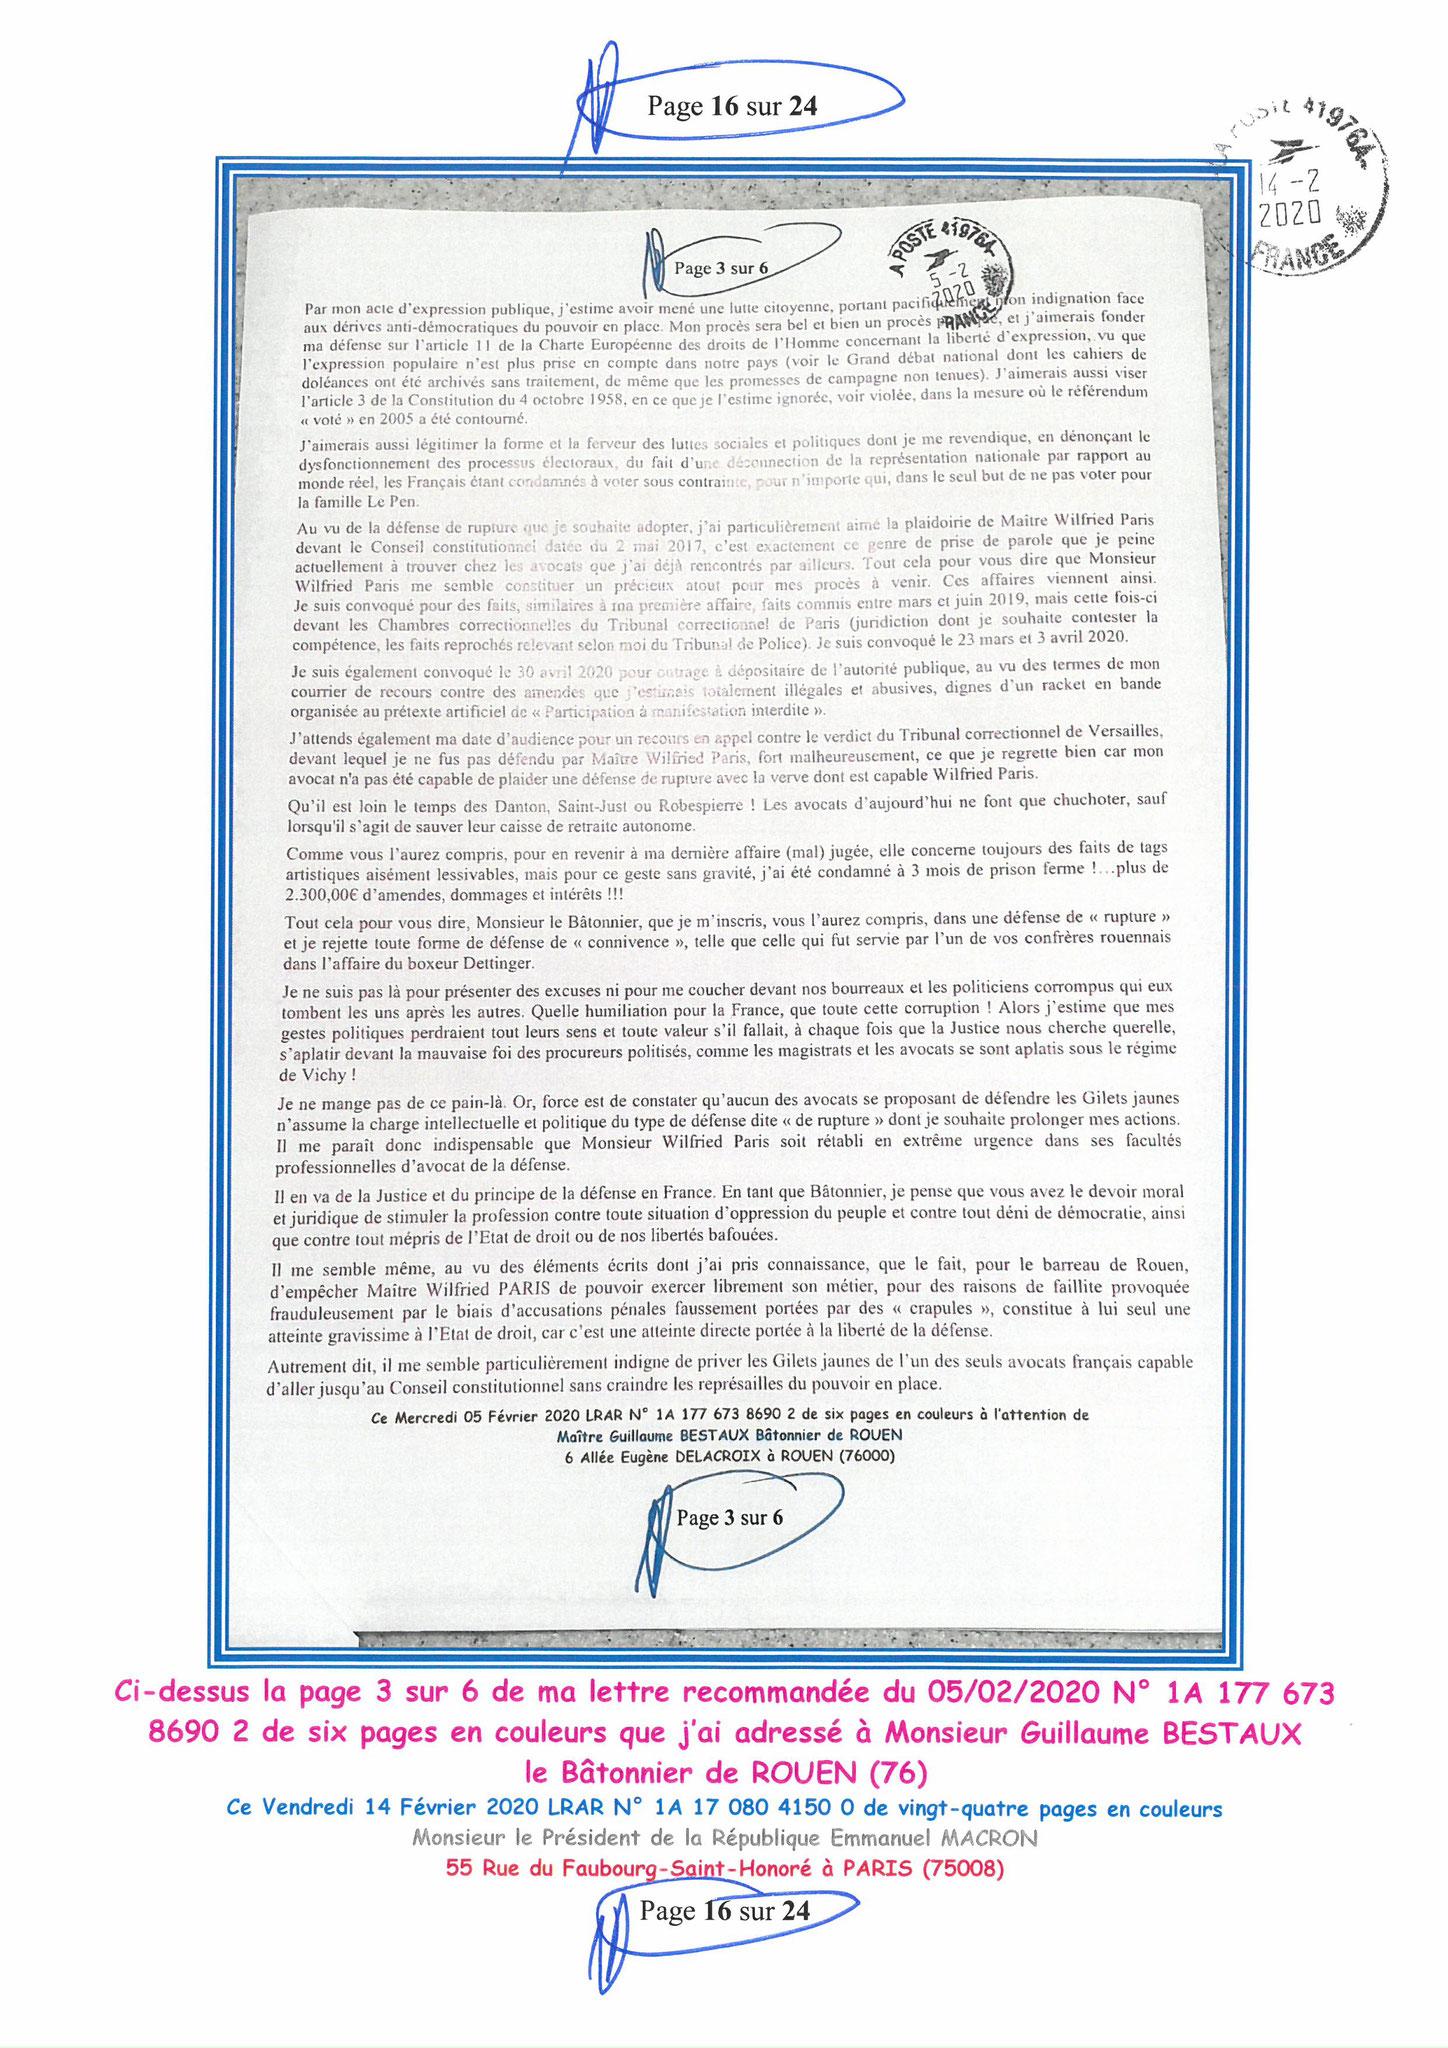 Ma lettre recommandée du 14 Février 2020 N° 1A 178 082 4150 0  page 16 sur 24 en couleur que j'ai adressé à Monsieur Emmanuel MACRON le Président de la République www.jesuispatrick.fr